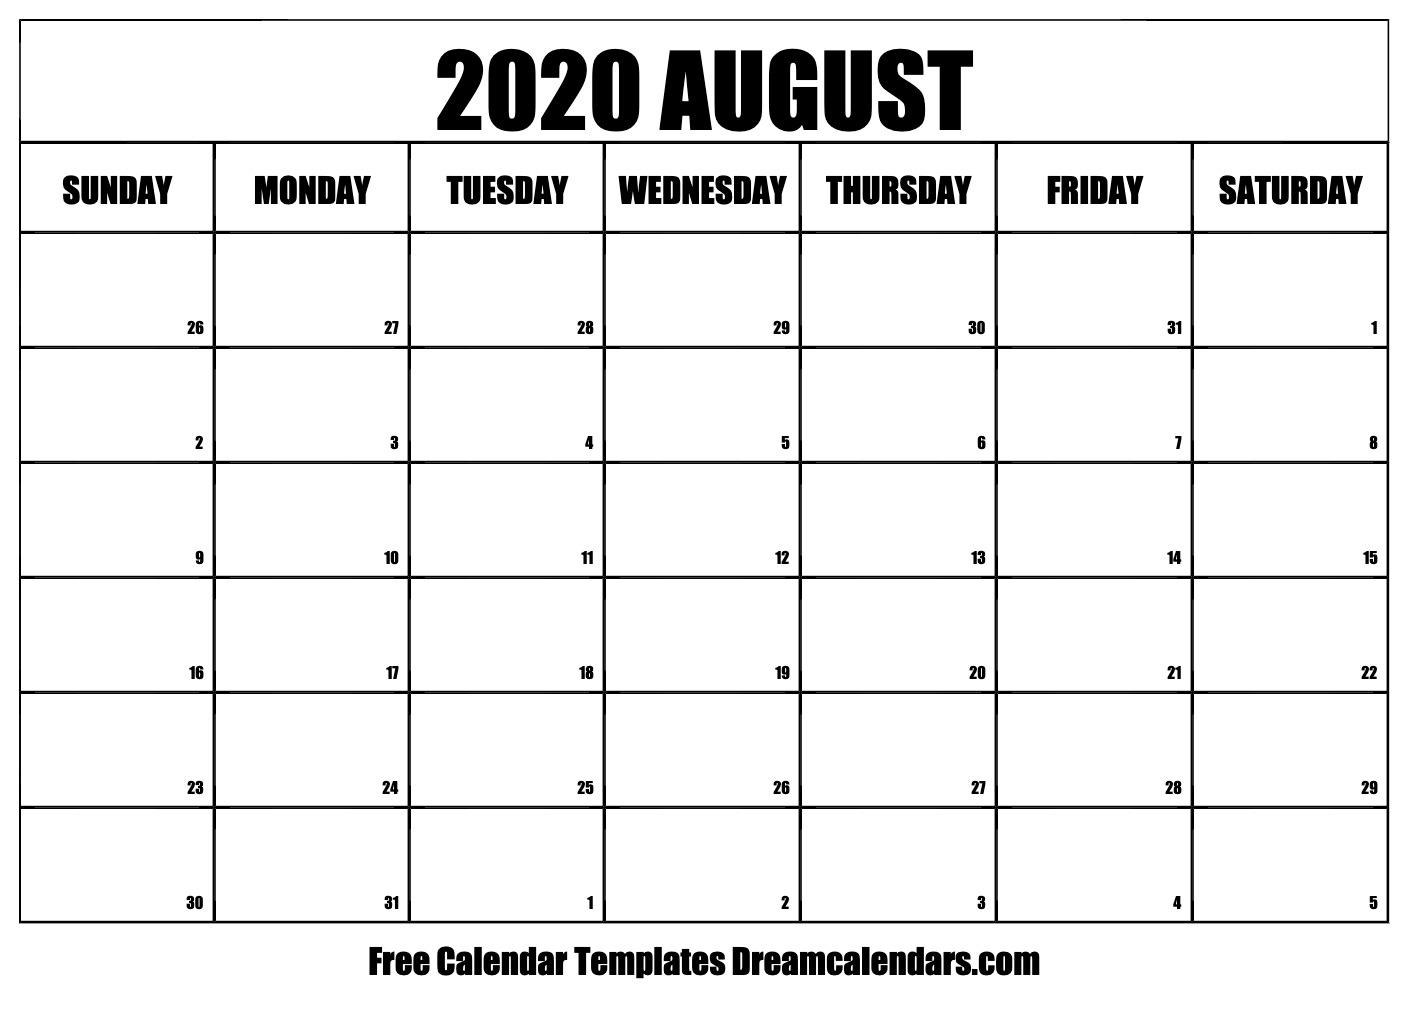 Aug 2020 Calendar Printable Printable August 2020 Calendar